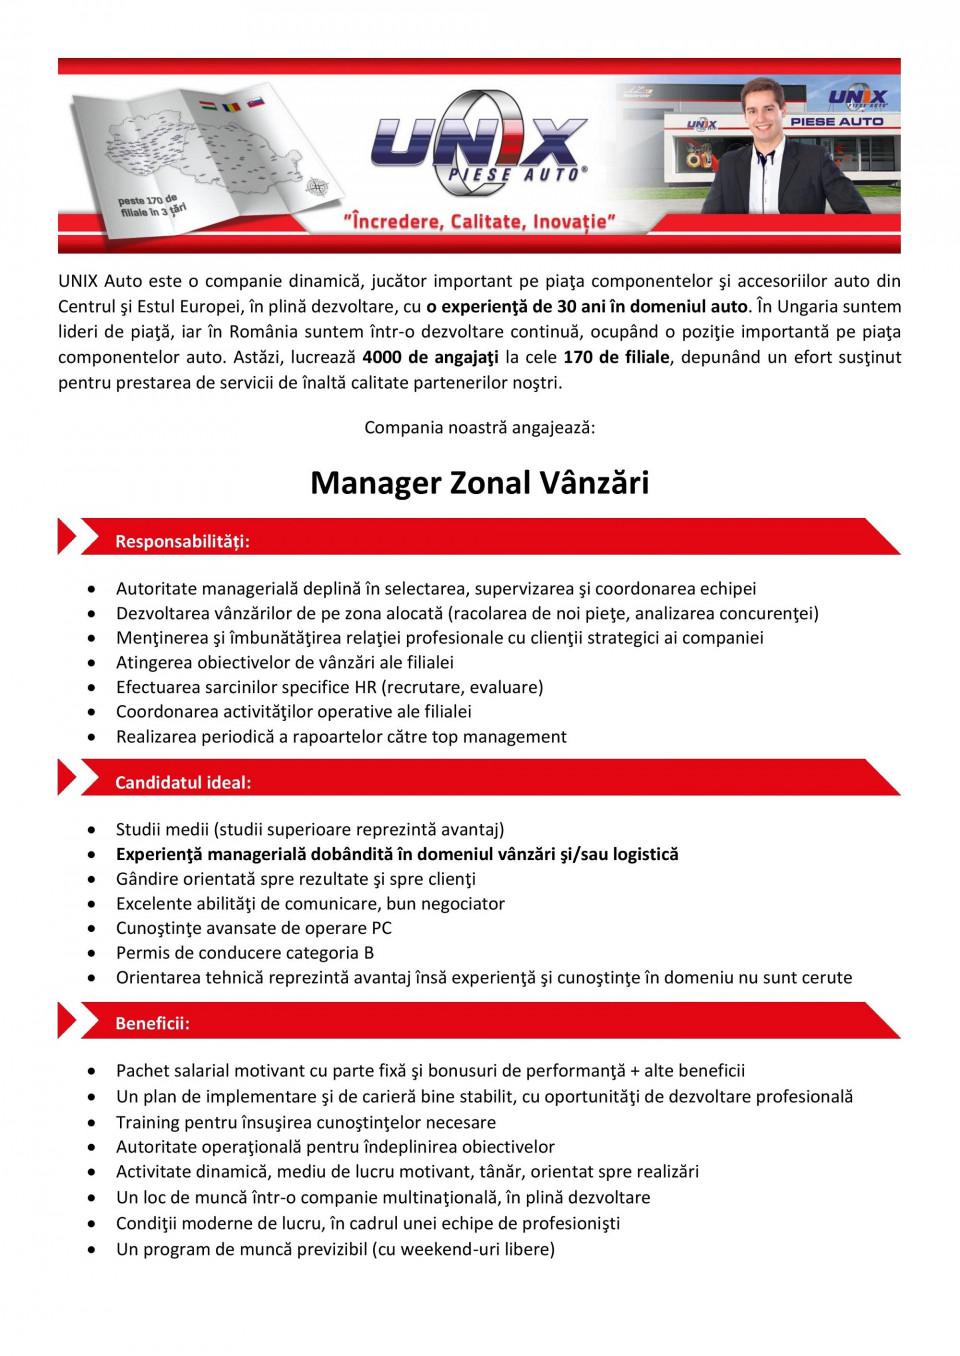 Studii medii (studii superioare reprezintă avantaj) Experienţă managerială dobândită în domeniul vânzări şi/sau logistică Gândire orientată spre rezultate şi spre clienţi Excelente abilităţi de comunicare, bun negociator Cunoştinţe avansate de operare PC Permis de conducere categoria B Orientarea tehnică reprezintă avantaj însă experienţă şi cunoştinţe în domeniu nu sunt cerute  Responsabilități: Autoritate managerială deplină în selectarea, supervizarea şi coordonarea echipei Dezvoltarea vânzărilor de pe zona alocată (racolarea de noi pieţe, analizarea concurenţei) Menţinerea şi îmbunătăţirea relaţiei profesionale cu clienţii strategici ai companiei Atingerea obiectivelor de vânzări ale filialei Efectuarea sarcinilor specifice HR (recrutare, evaluare) Coordonarea activităţilor operative ale filialei Realizarea periodică a rapoartelor către top management  Beneficii: Pachet salarial motivant cu parte fixă şi bonusuri de performanţă + alte beneficii Un plan de implementare şi de carieră bine stabilit, cu oportunităţi de dezvoltare profesională Training pentru însuşirea cunoştinţelor necesare Autoritate operaţională pentru îndeplinirea obiectivelor Activitate dinamică, mediu de lucru motivant, tânăr, orientat spre realizări Un loc de muncă într-o companie multinaţională, în plină dezvoltare Condiţii moderne de lucru, în cadrul unei echipe de profesionişti Un program de muncă previzibil (cu weekend-uri libere)  Compania noastră este un distribuitor de piese auto, care se află într-o expansiune dinamică în cele trei ţări ale regiunii Central şi Est Europene, unde lucrează peste 4000 de angajaţi la cele 170 de filiale. Sistemul logistic avansat şi catalogul electronic de piese auto asigură un serviciu unic partenerilor noştri. Datorită dezvoltării semnificative a reţelei de distribuţie din România, suntem în căutarea unor colegi, care prin gestionarea profesionistă a relaţiilor interumane şi prin propunerile de îmbunătăţire, asigură servicii de înaltă calitate, crescând 